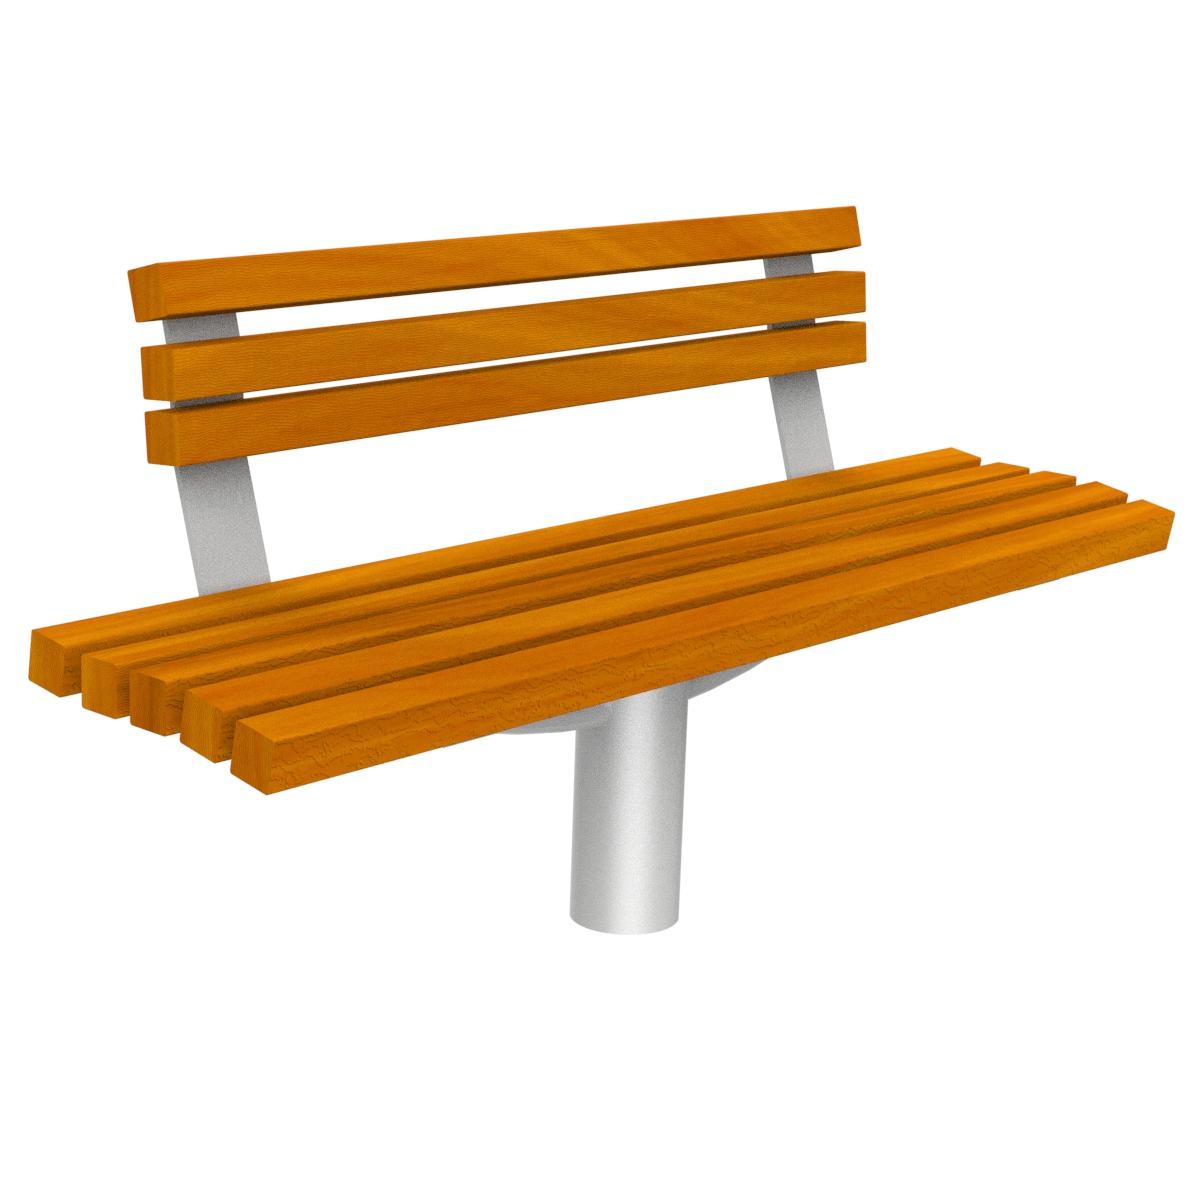 Banco madera diana mobiliario urbano para sentarse parques - Fotos de bancos para sentarse ...